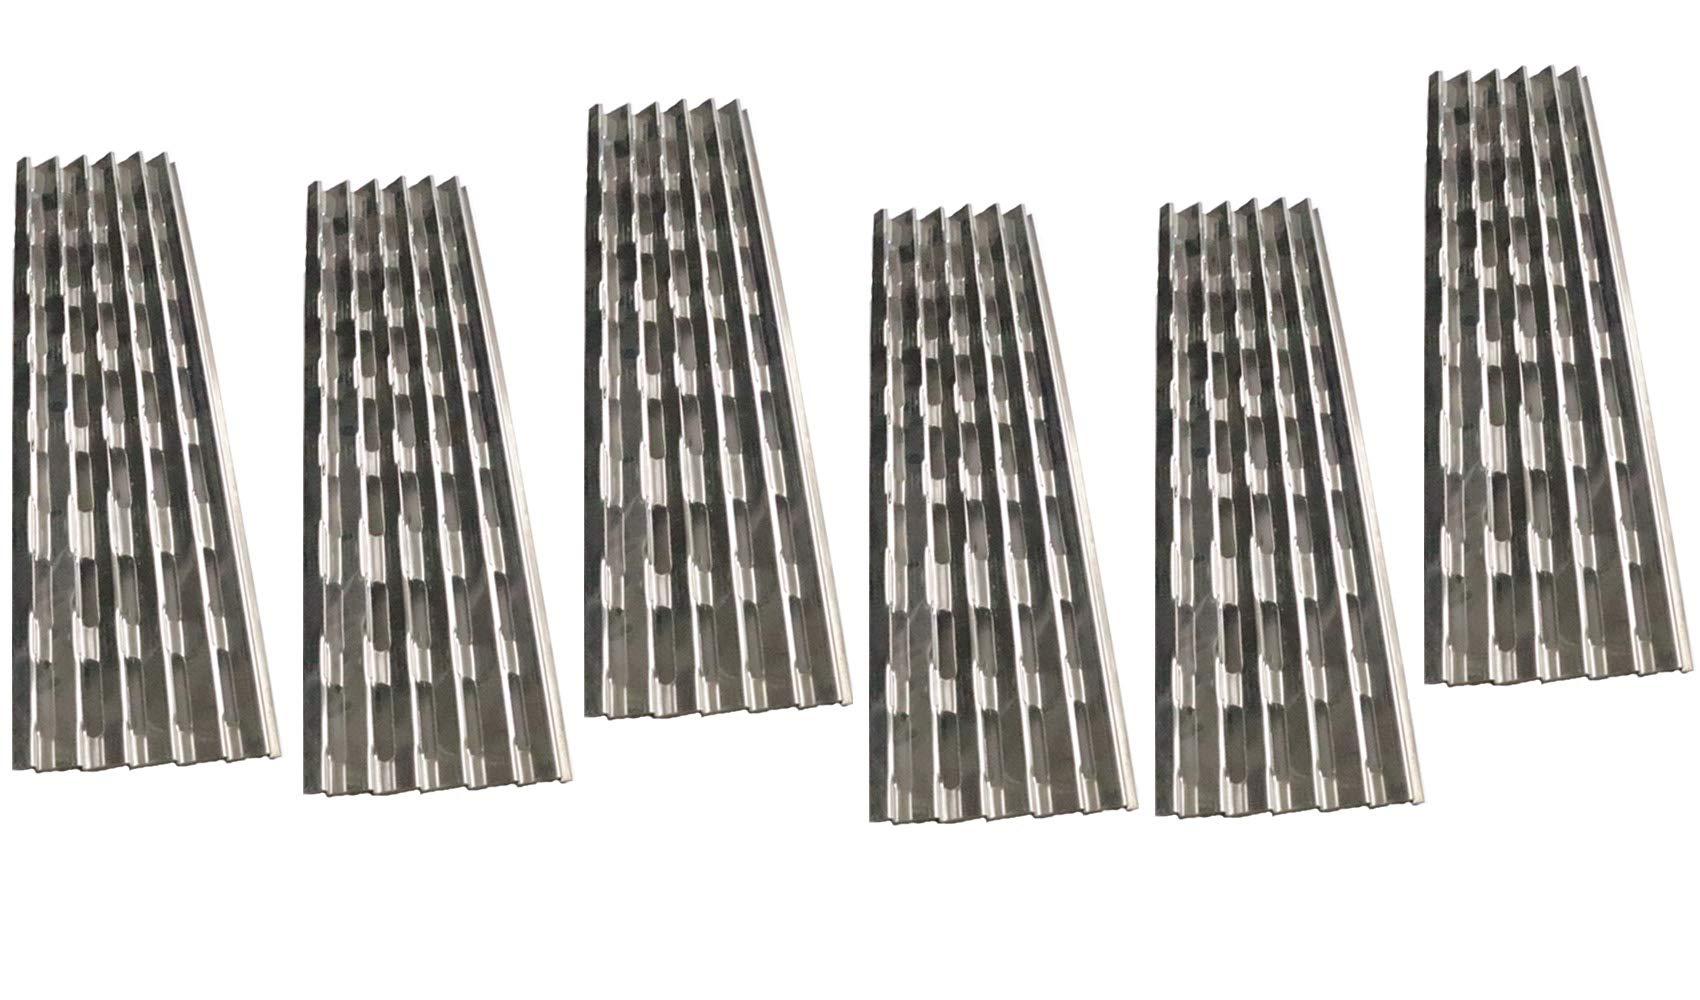 Votenli S9409A (6-Pack) Stainless Steel Heat Plate Replacement for Viking VGIQ300-2RT, VGIQ410-3RT, VGIQ412-2RT, VGIQ530-4RT, VGIQ532-3RT